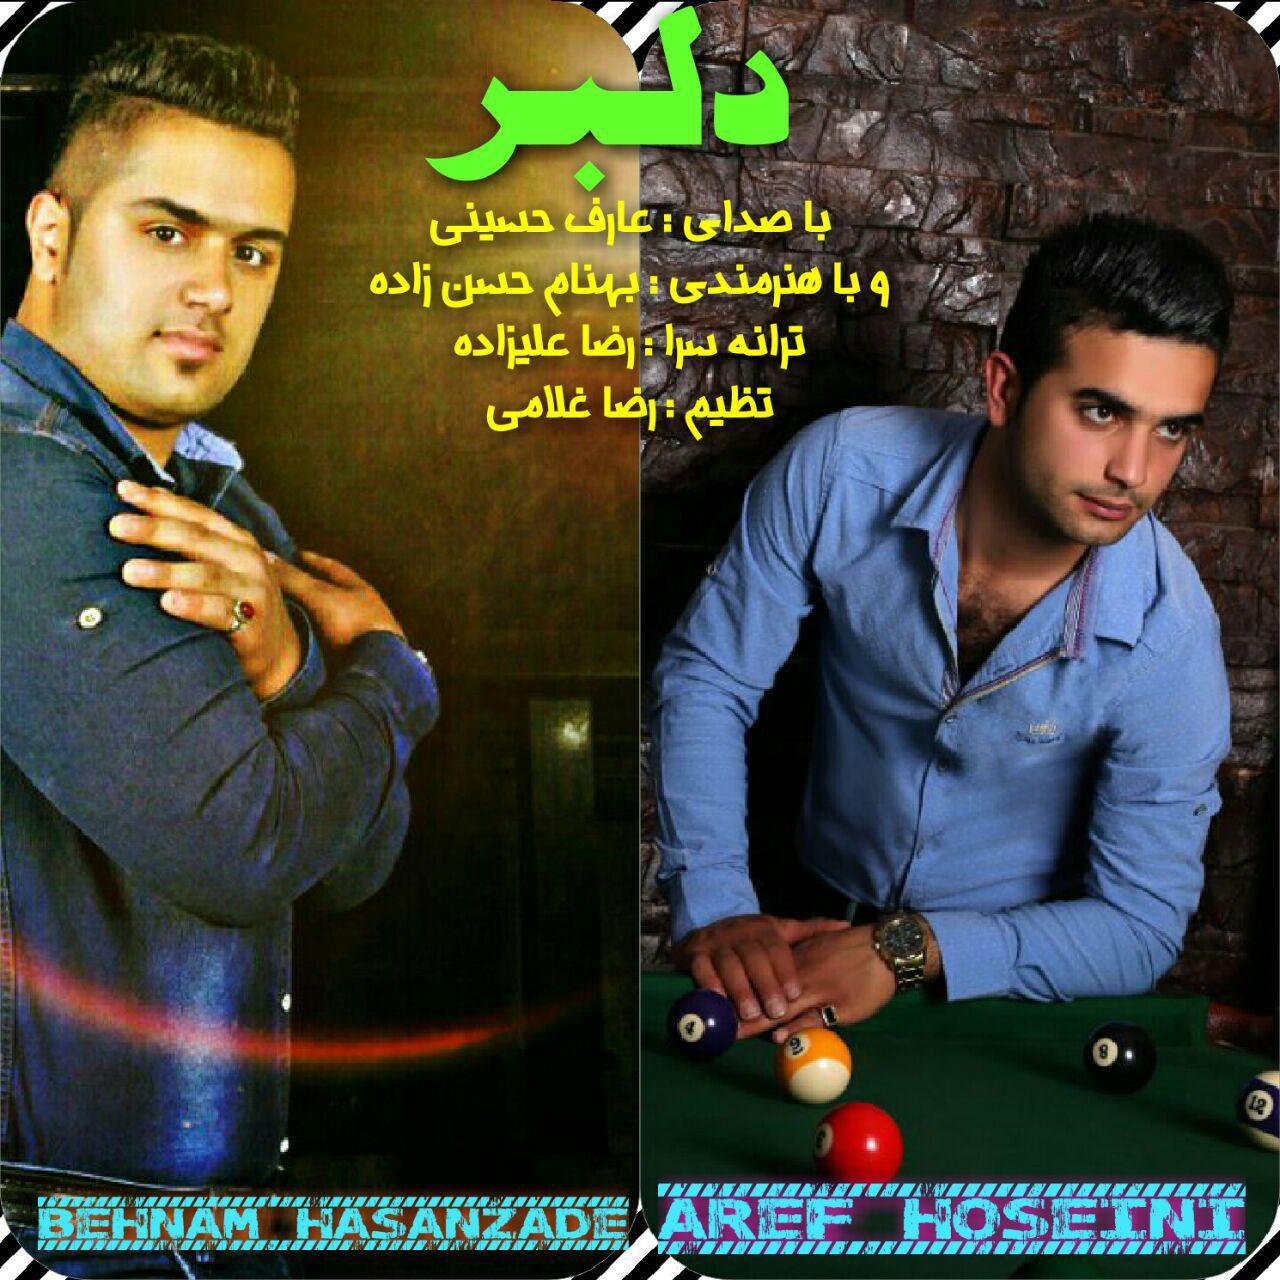 دانلود آهنگ جدید دلبر با صدای عارف حسینی و بهنام حسن زاده